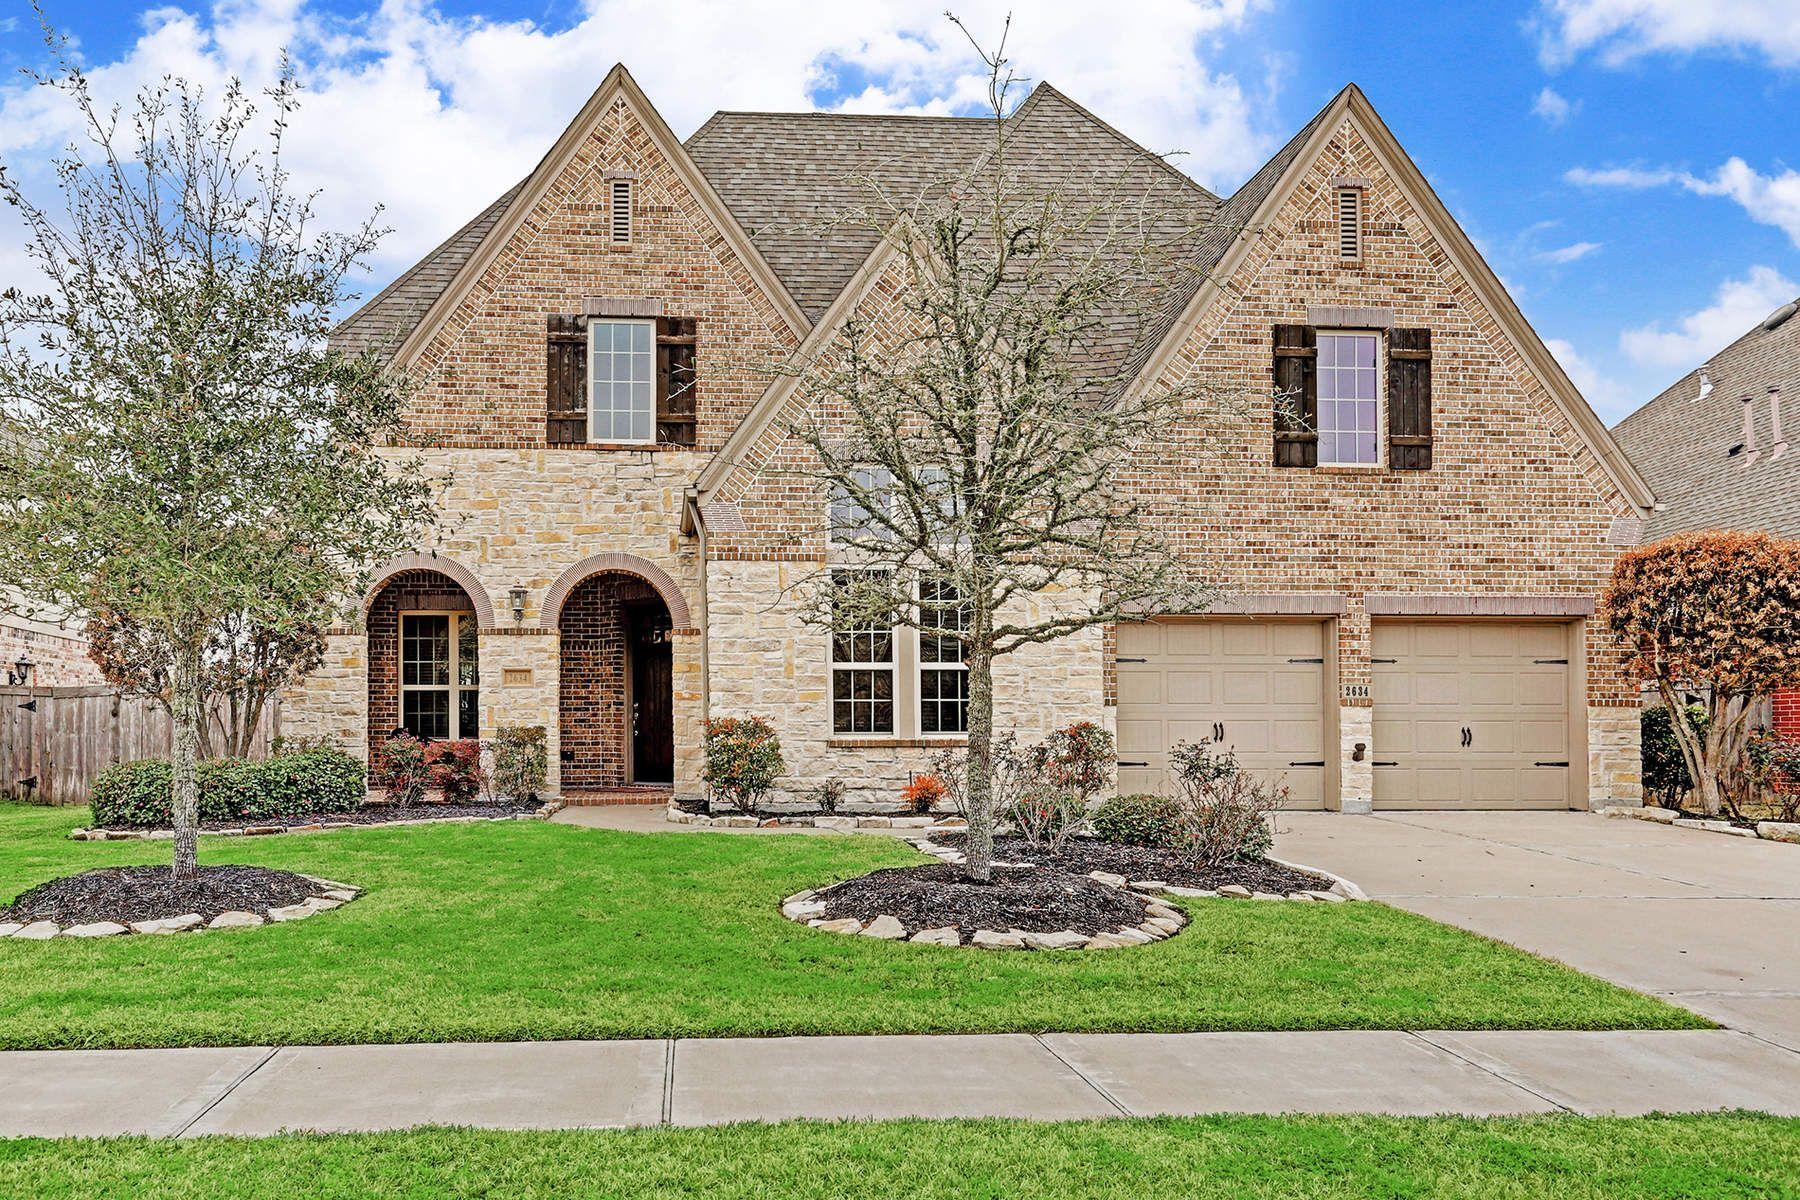 Частный односемейный дом для того Продажа на 2634 Joshua Tree Lane Manvel, Техас, 77578 Соединенные Штаты